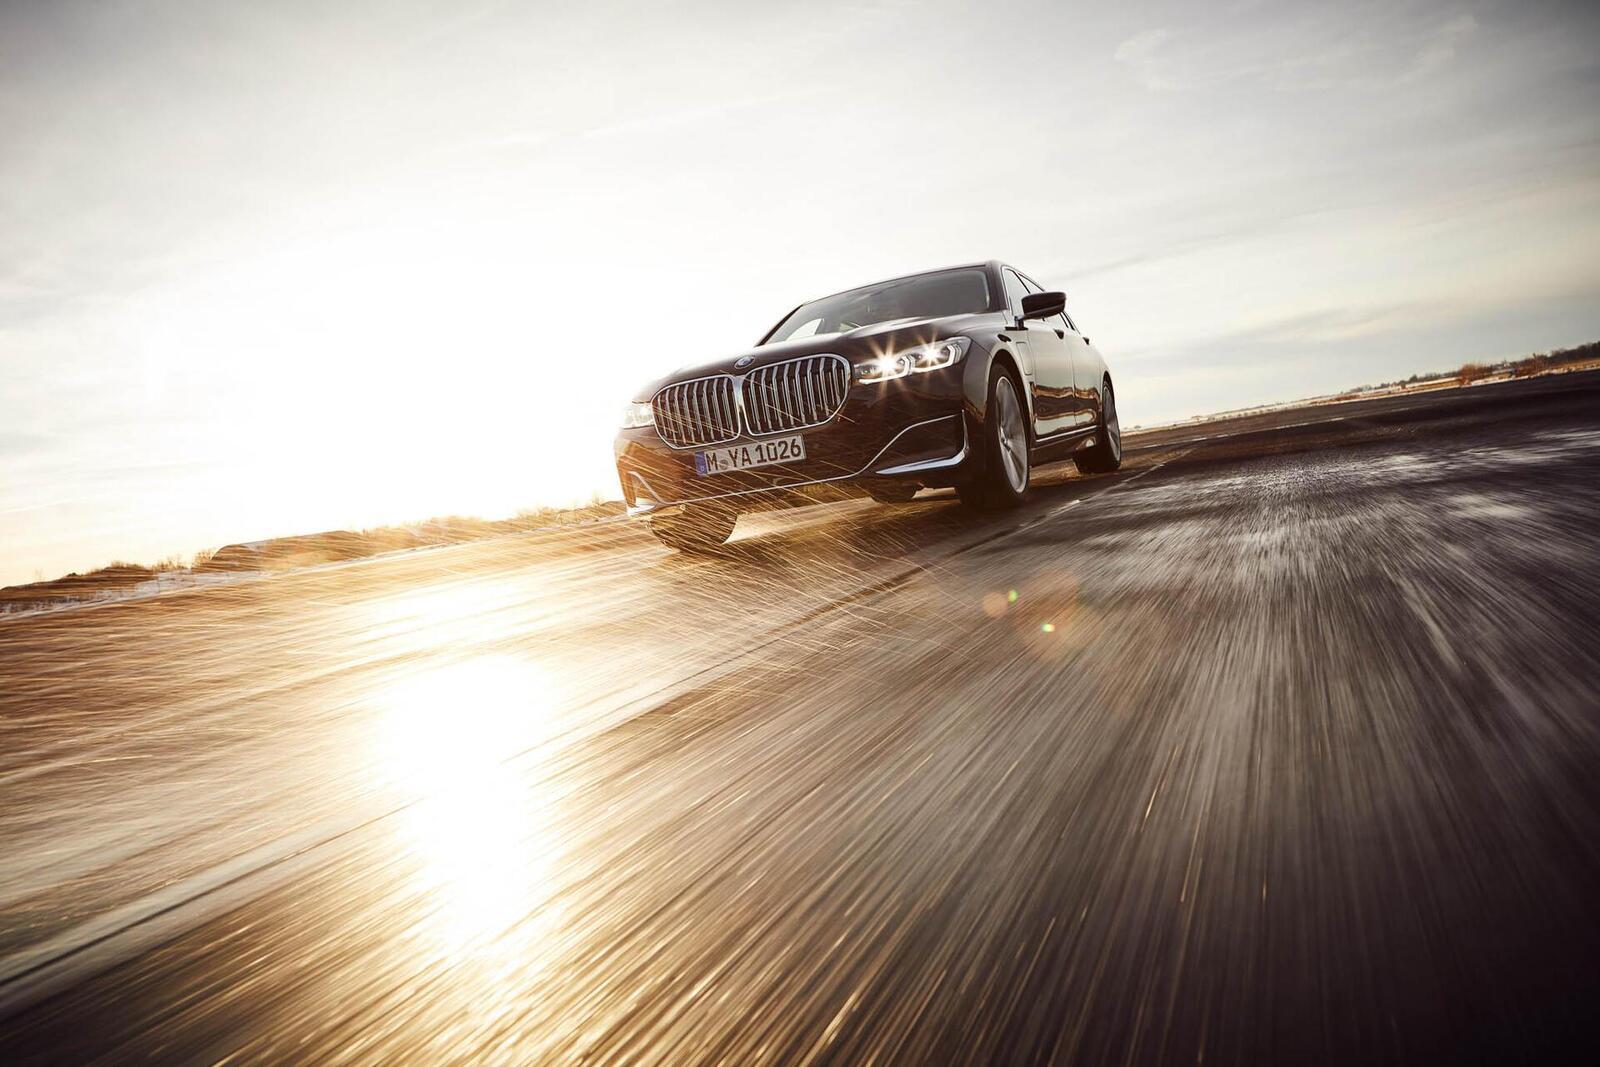 BMW giới thiệu 7 Series PHEV 2020 mới; lắp động cơ 3.0L mới thay chế cho 2.0L cũ - Hình 19